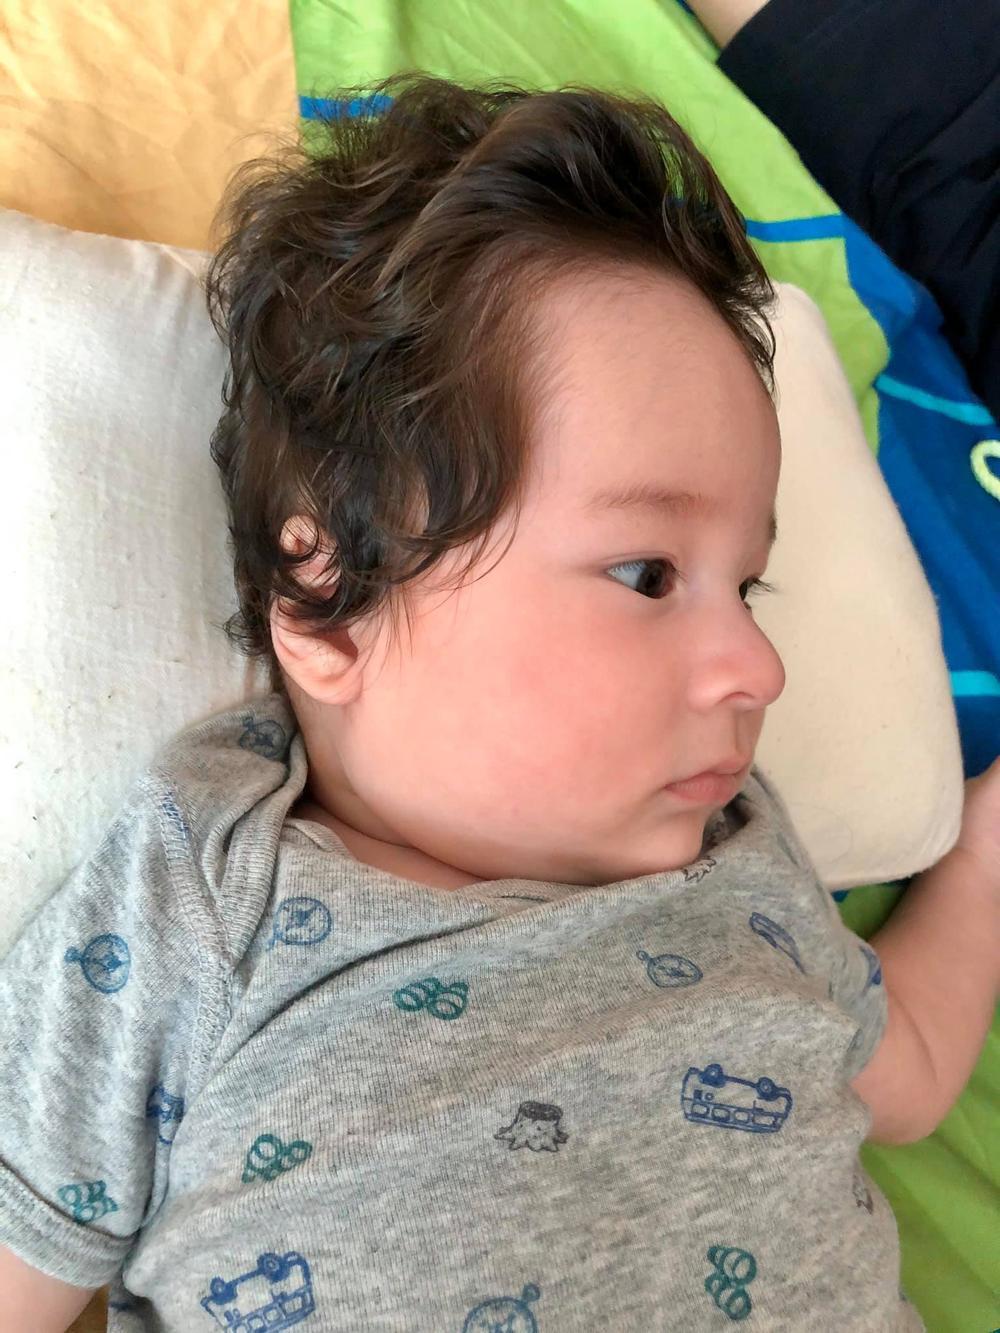 Con trai Hoàng Oanh tiếp tục gây sốt với sống mũi và góc nghiêng cực phẩm Ảnh 3